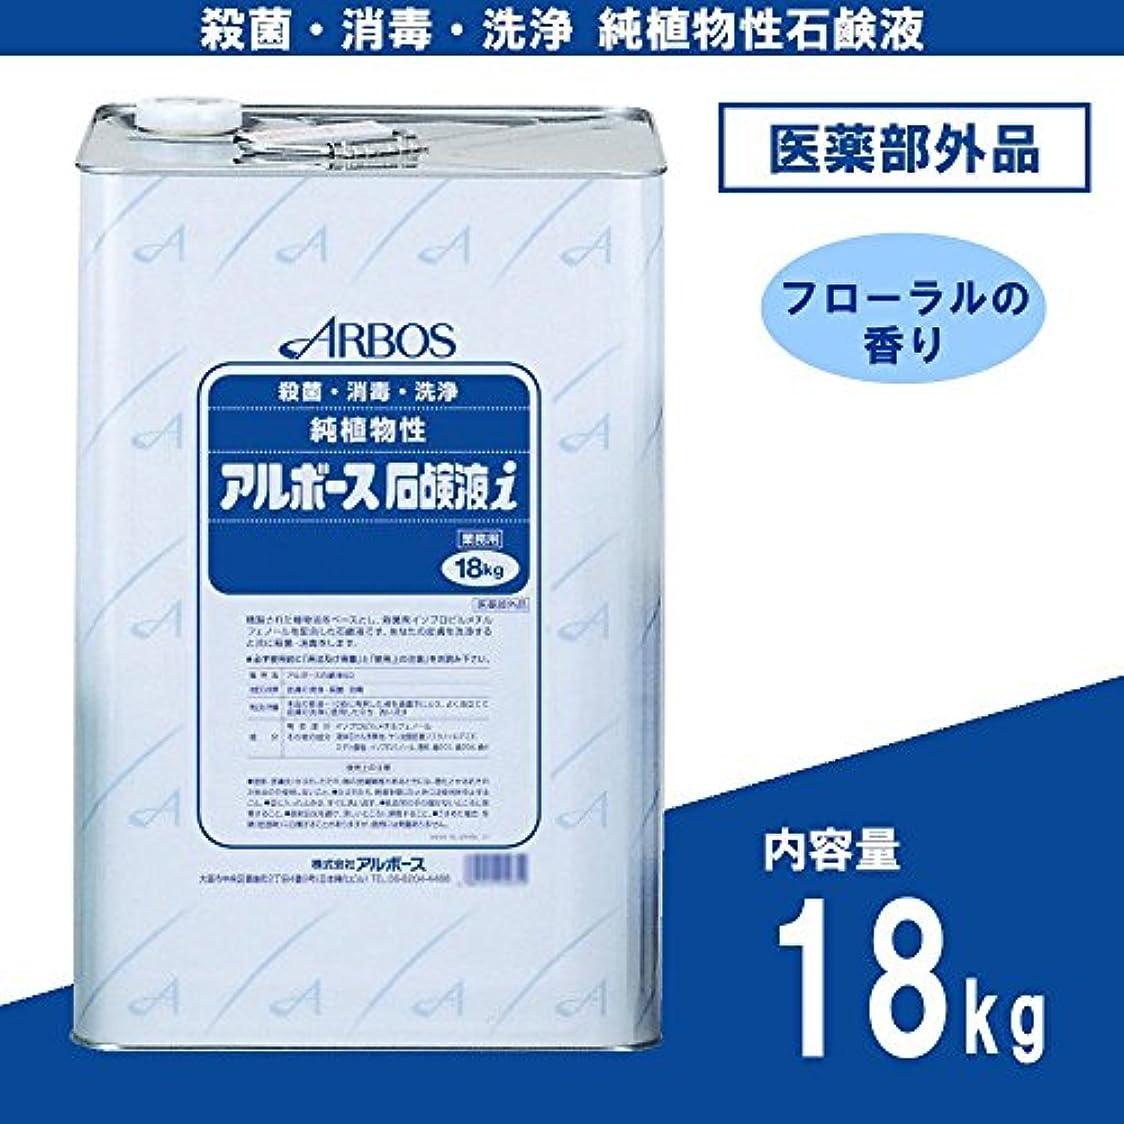 勇気スーツ害虫アルボース 業務用純植物性石鹸液 石鹸液i フローラルの香り 18kg 01031 (医薬部外品)